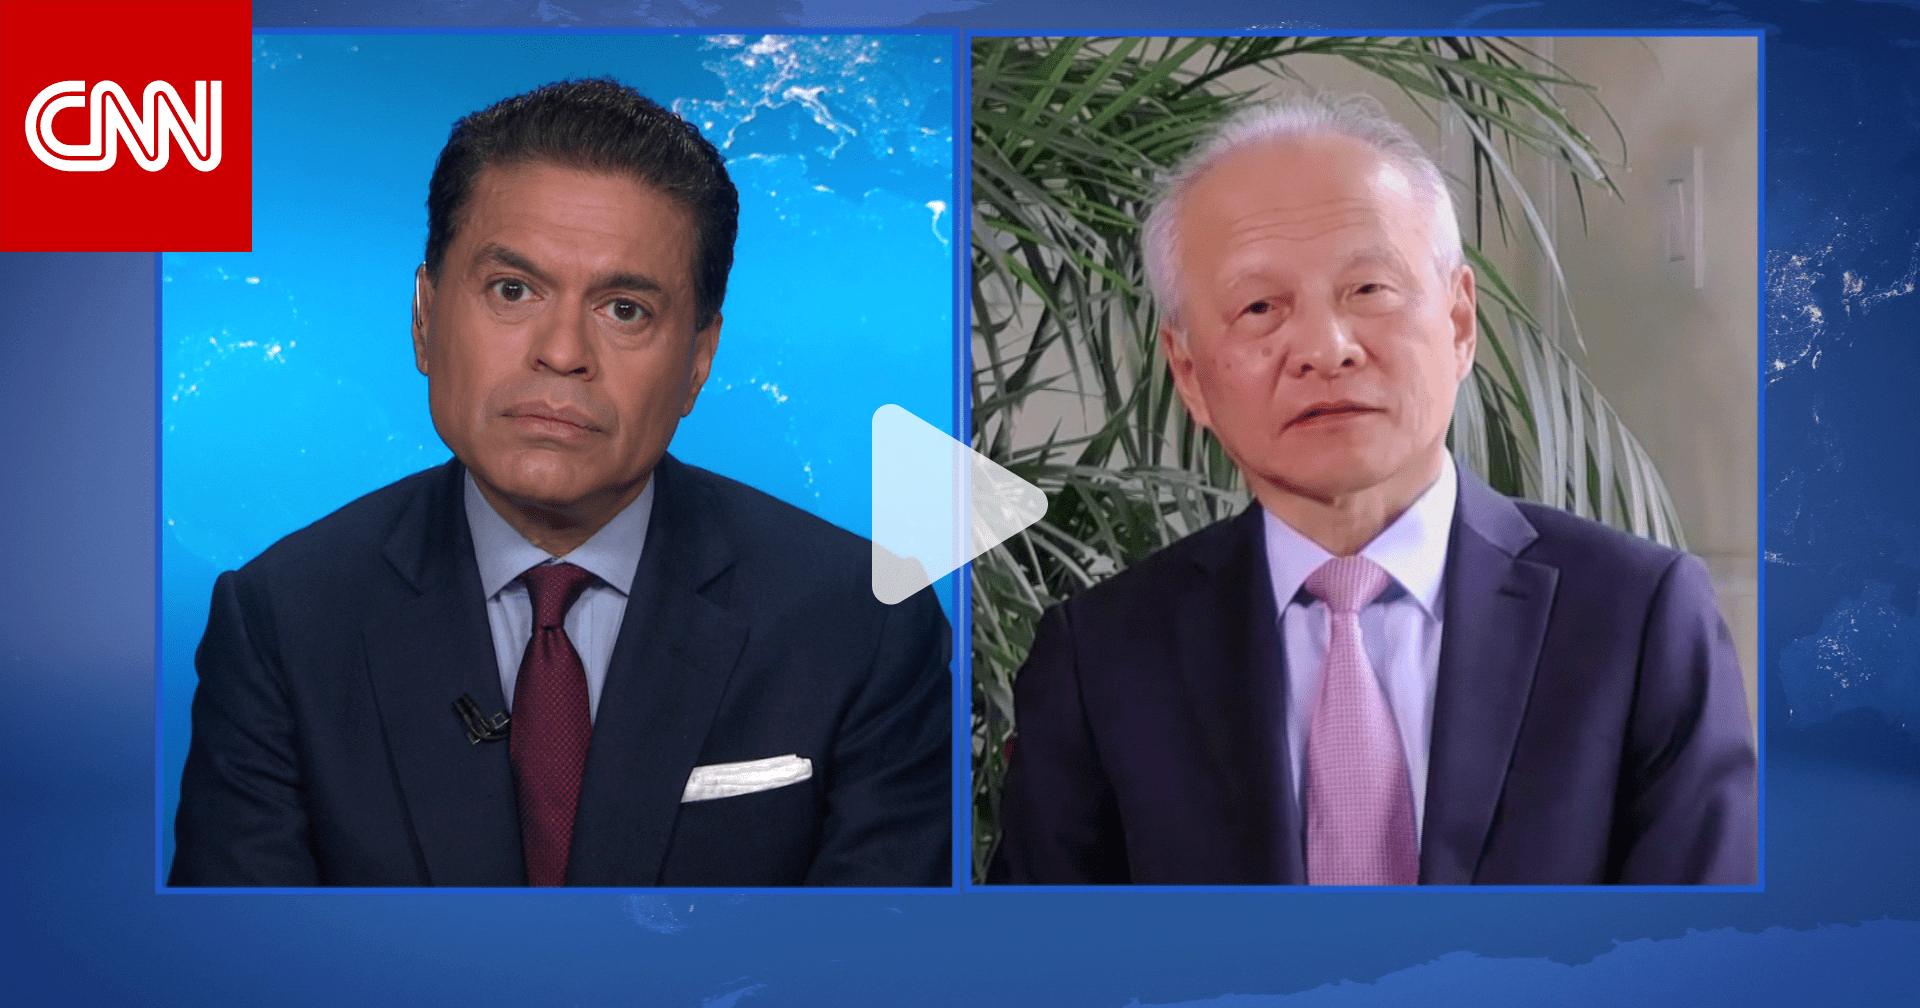 سفير الصين إلى أمريكا يكشف لـCNN السبب وراء حرب التكنولوجيا بين البلدين.. إليك ما قاله